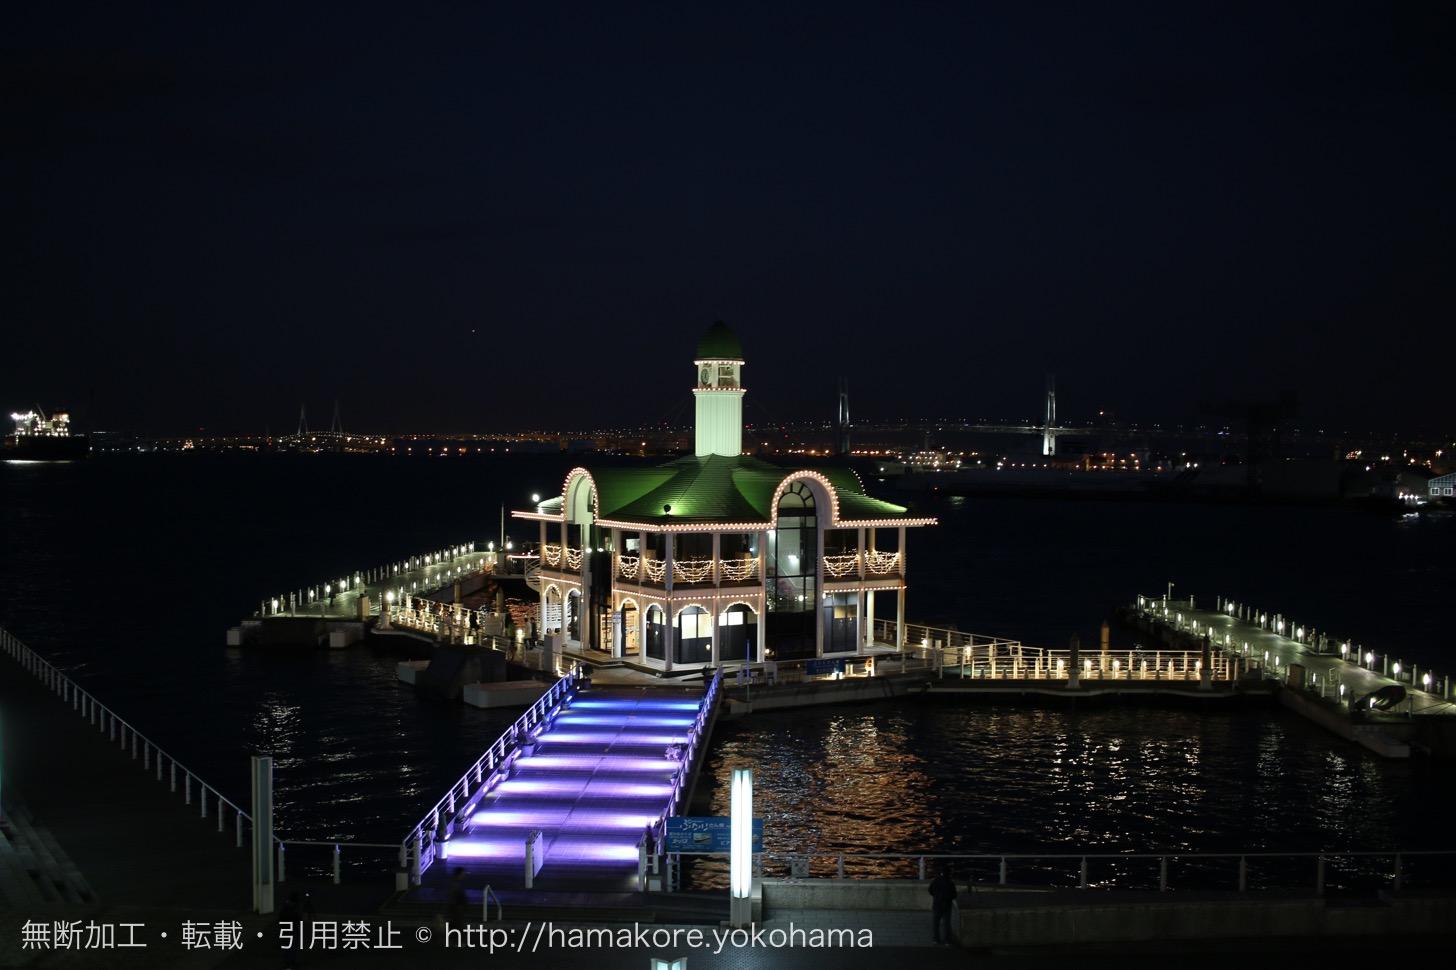 パシフィコ横浜 ウィンターイルミネーション2016